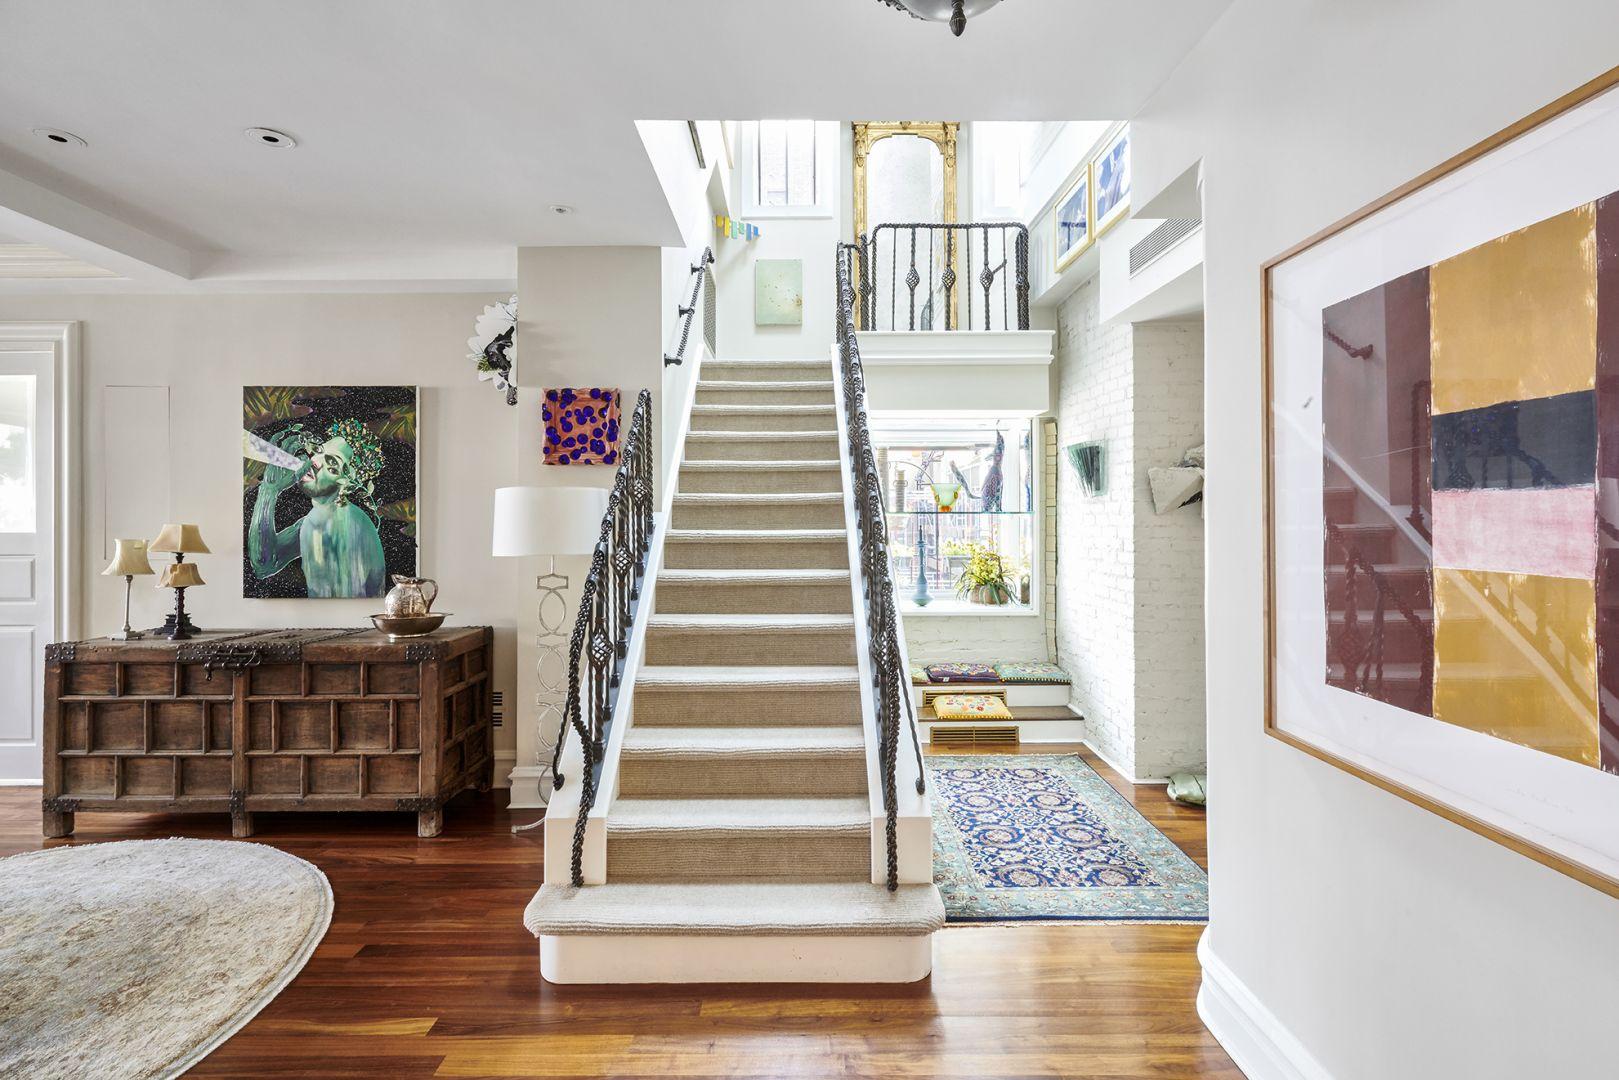 Odrestaurowany penthouse nawet dzisiaj prezentuje się zjawiskowo. Zdjęcia: Brown Harris Stevens, www.bhsusa.com. Źródło: TopTenRealEstateDeals.com